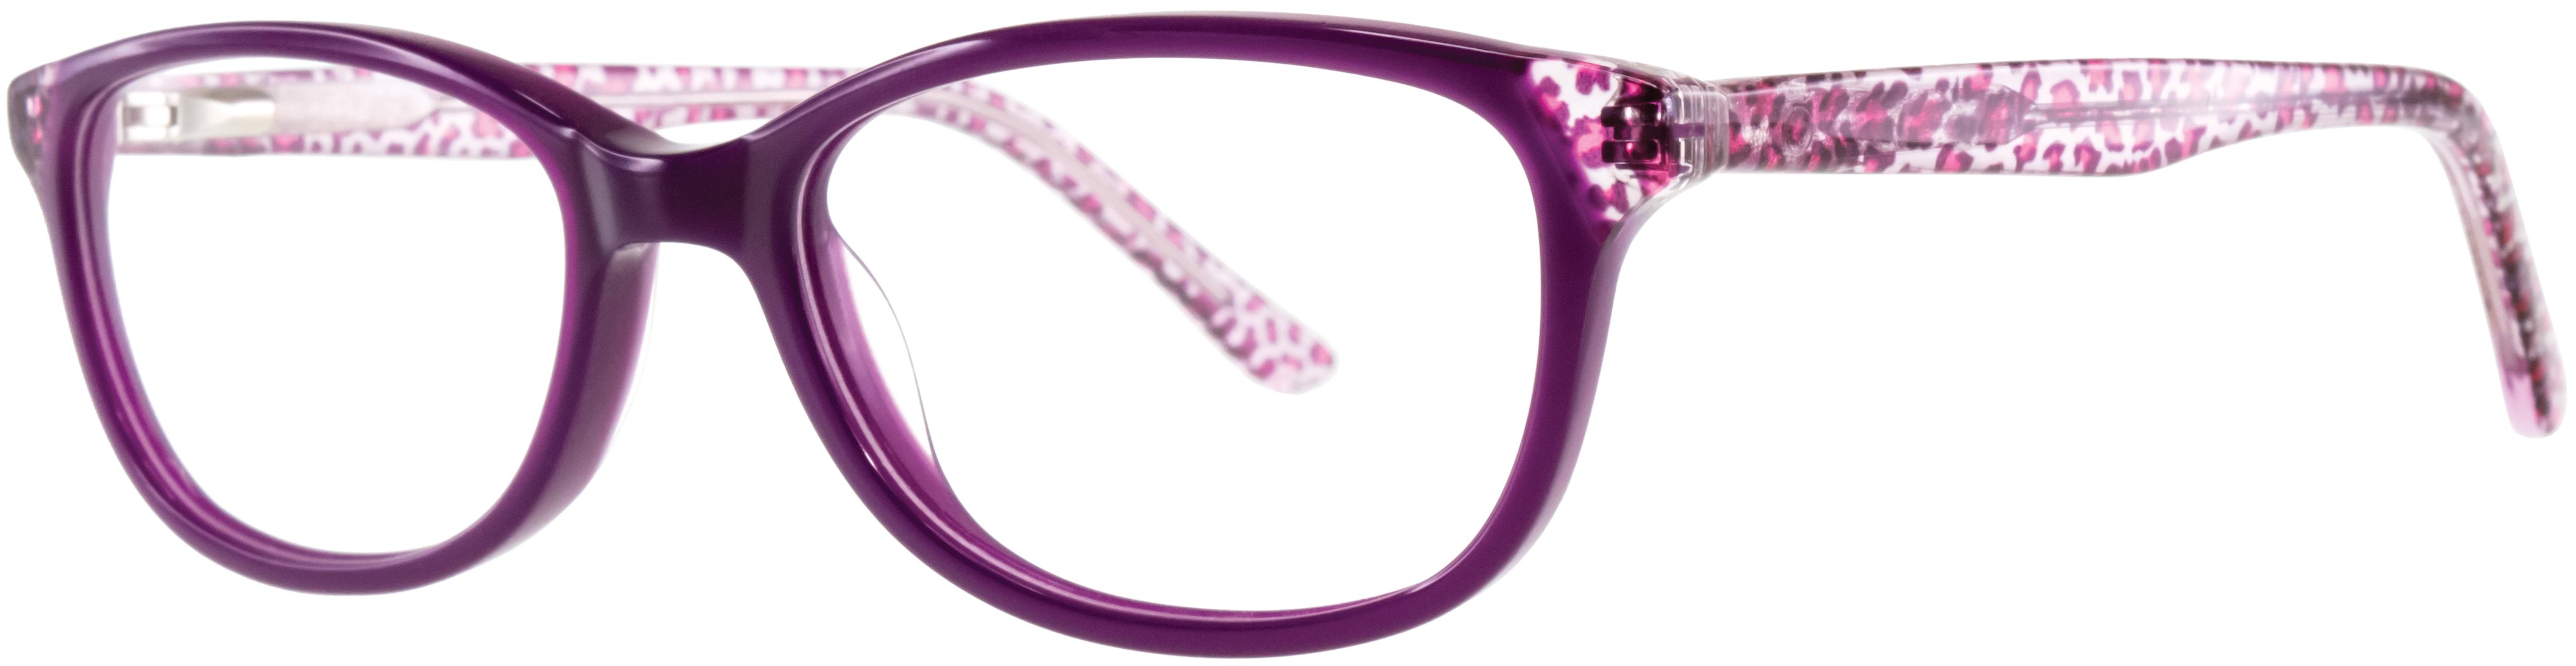 56b0fe09897 Match Eyewear  FLT-KP-253